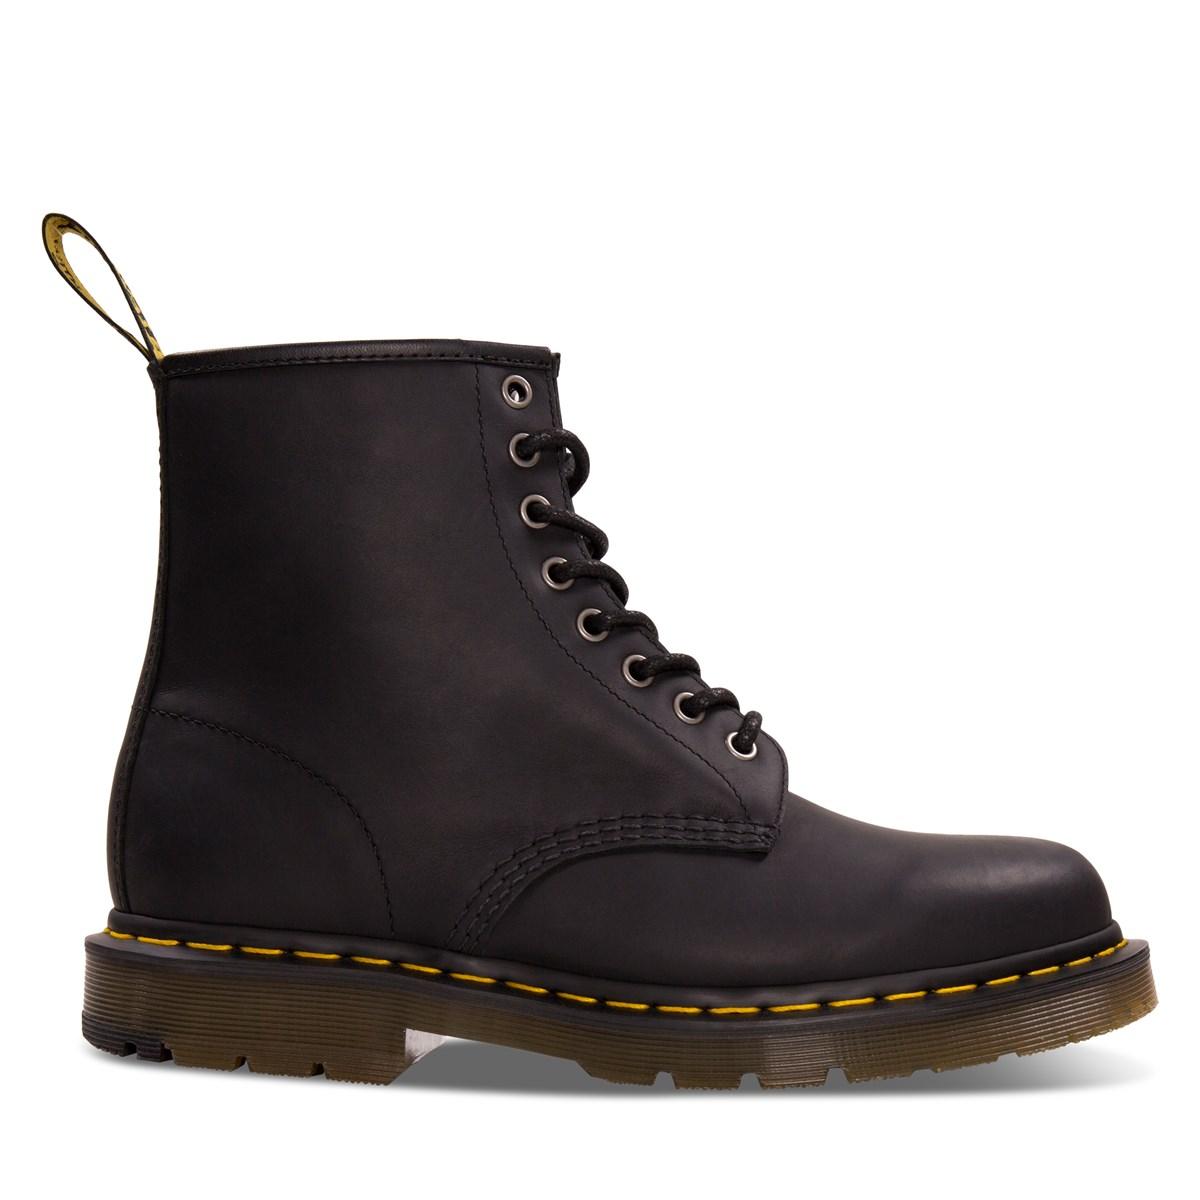 Men's 1460 Snowplow Boots in Black